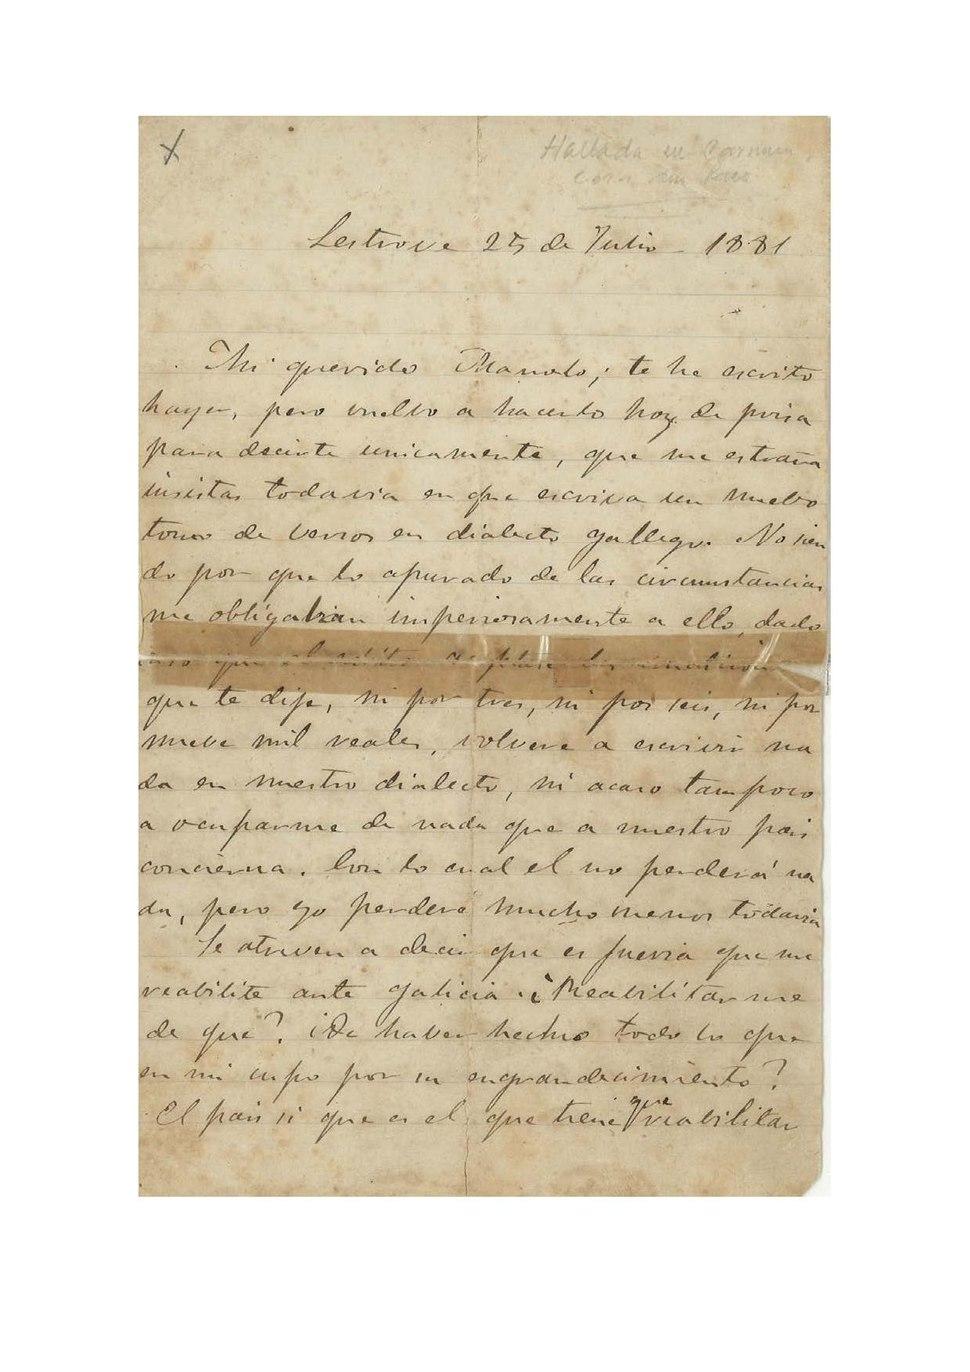 25 de julio de 1881. Mi querido Manolo te he escrito ayer, pero vuelvo a hacerlo hoy...